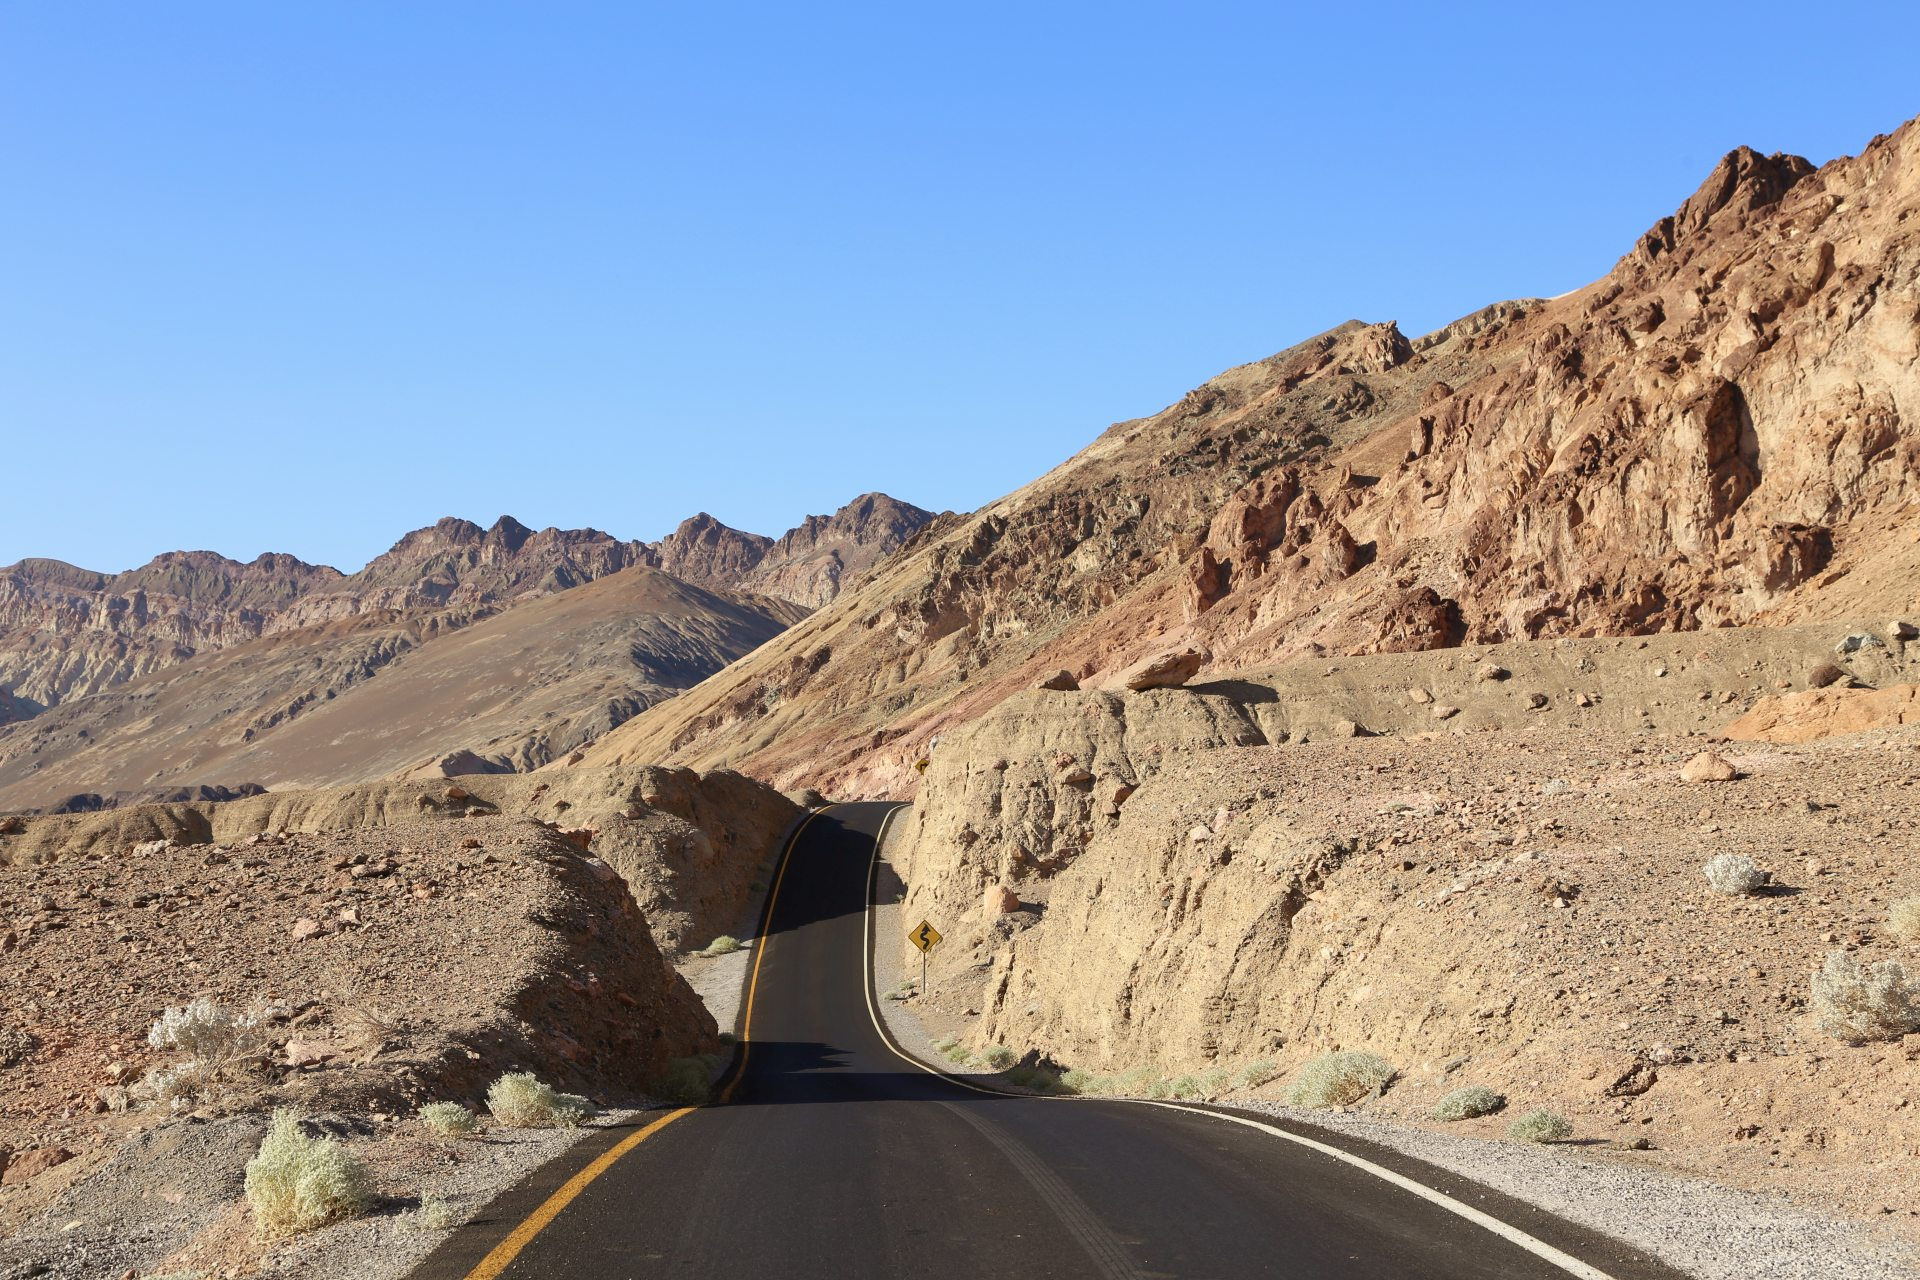 Artists Drive - Artists Palette - Artists Drive, Artists Palette, Death Valley National Park, Erosion, Felsen, Gestein, Himmel, Kalifornien, Landschaft, Mojave-Wüste, Sandstein, Strasse, Weg, Wüste - (Ryan, Death Valley, California, Vereinigte Staaten)